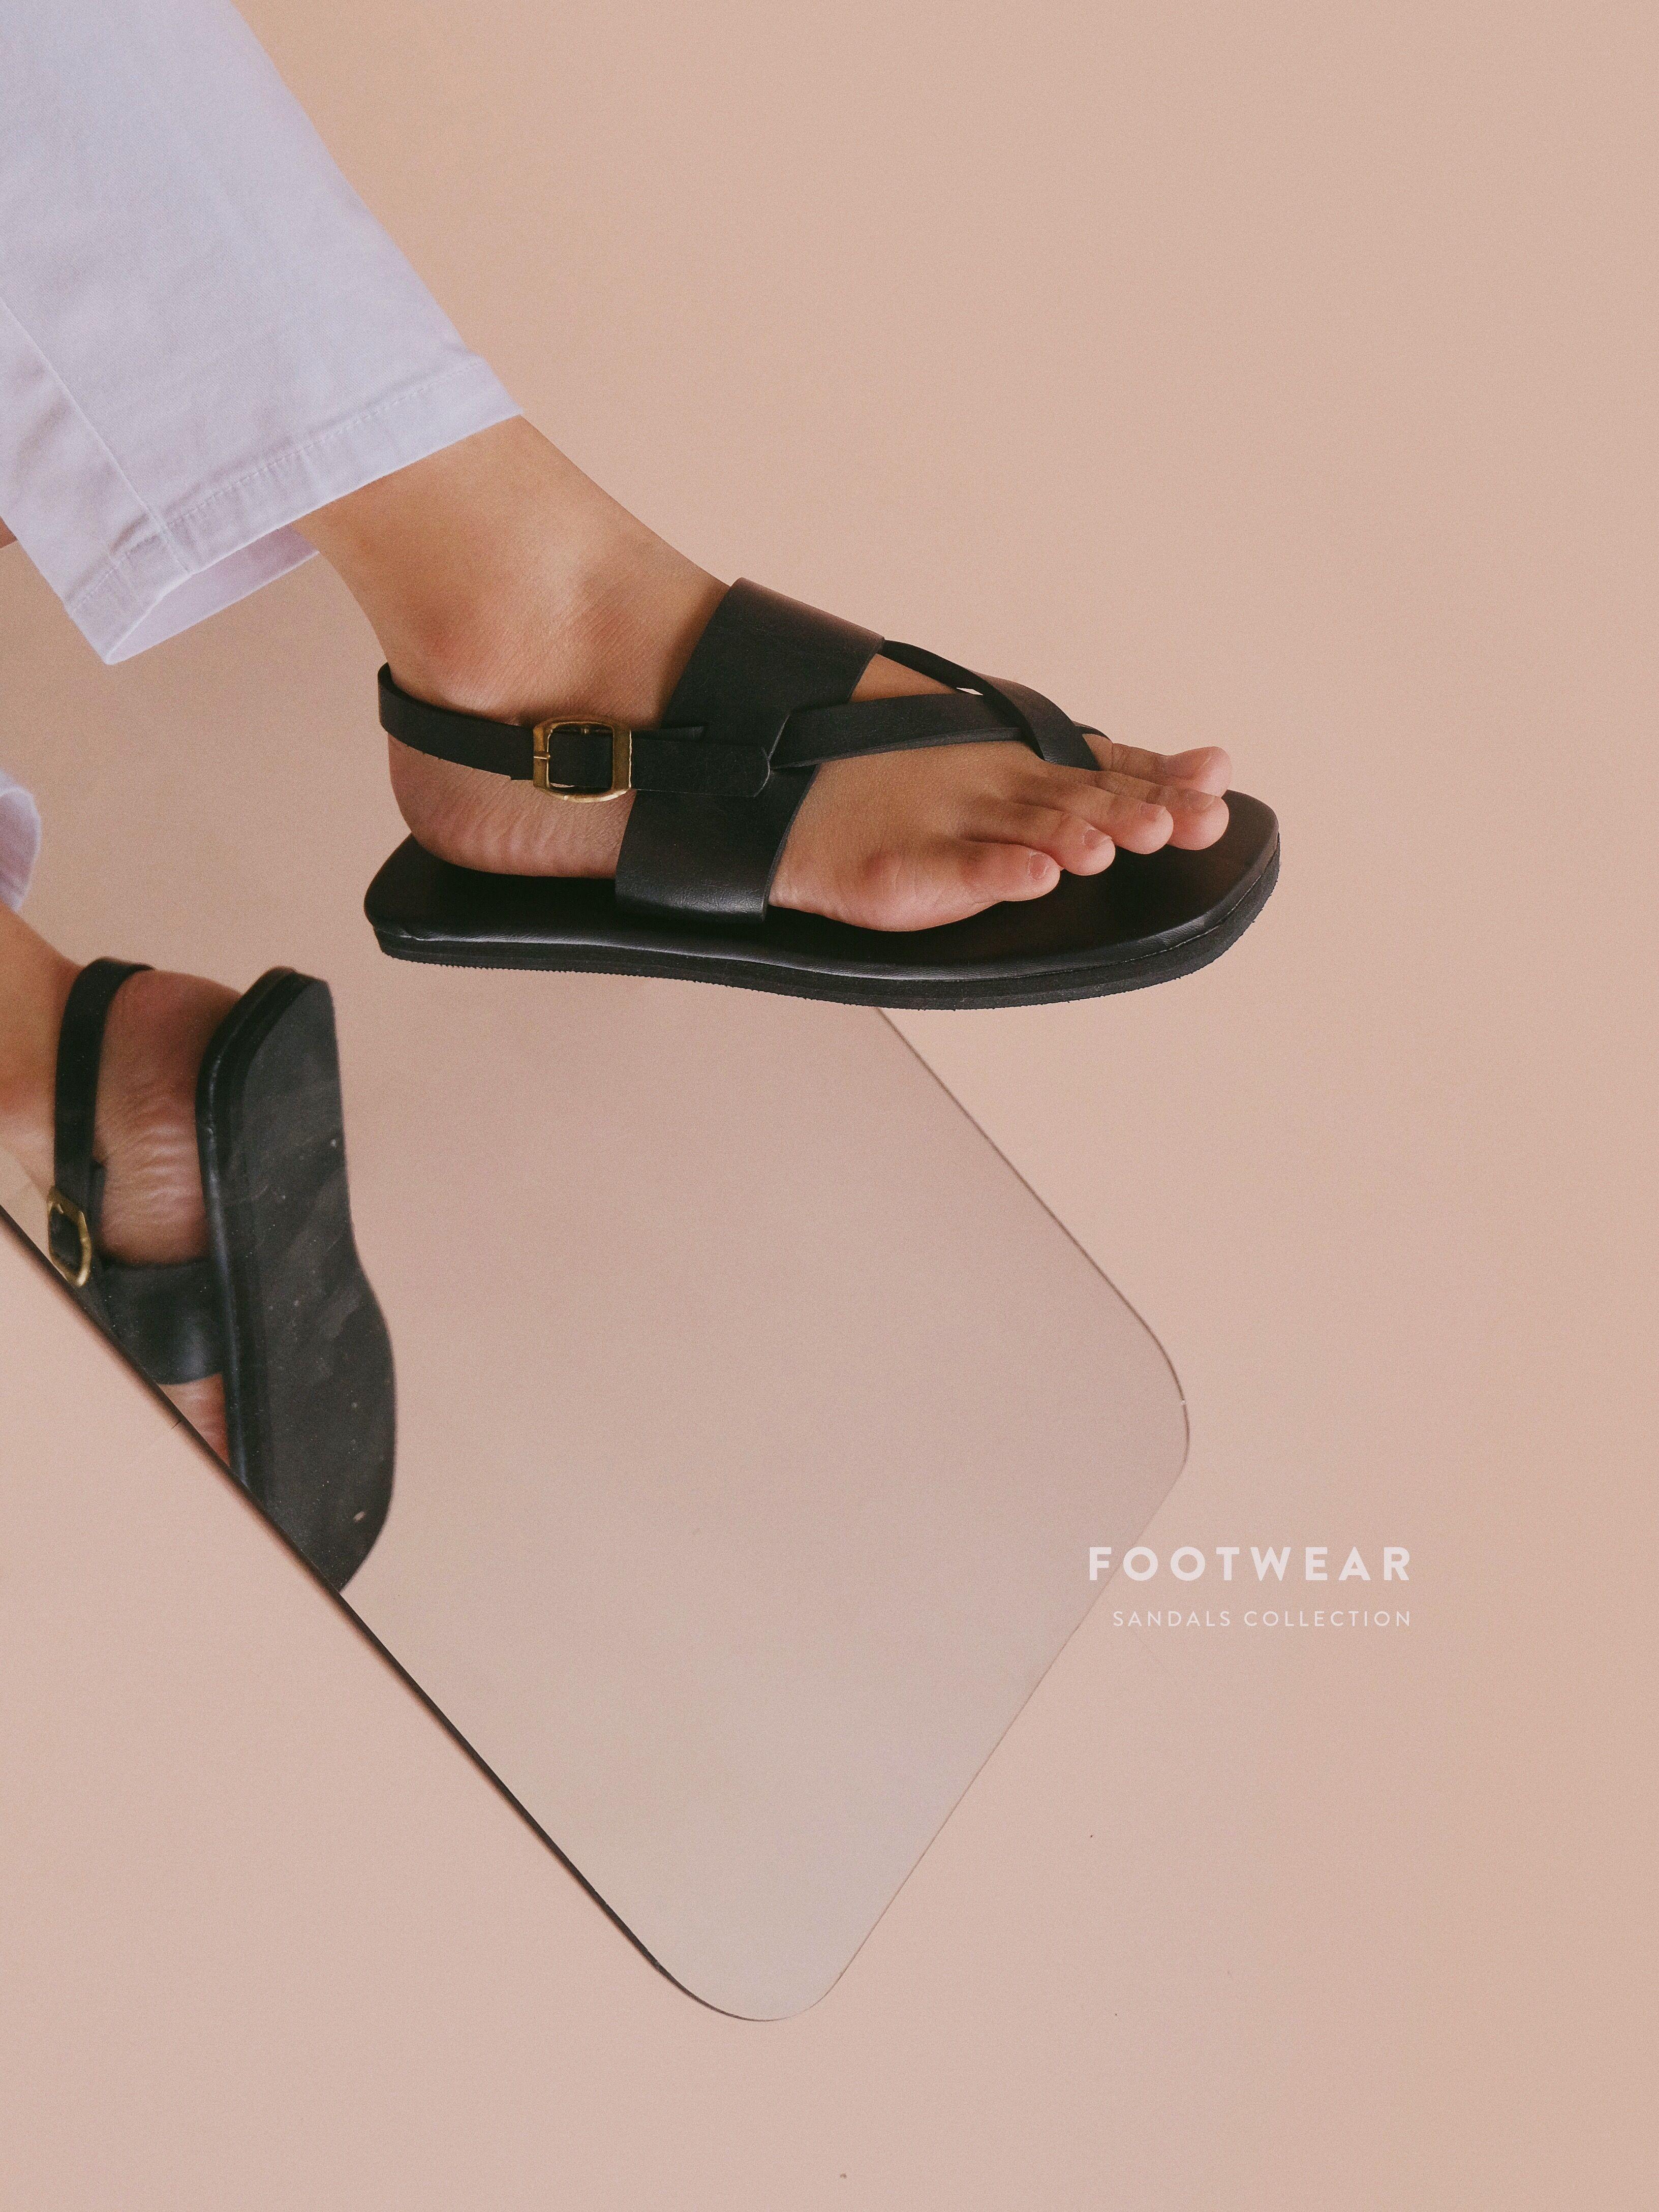 FOOTWEAR - SANDALS – ANAABU.CO